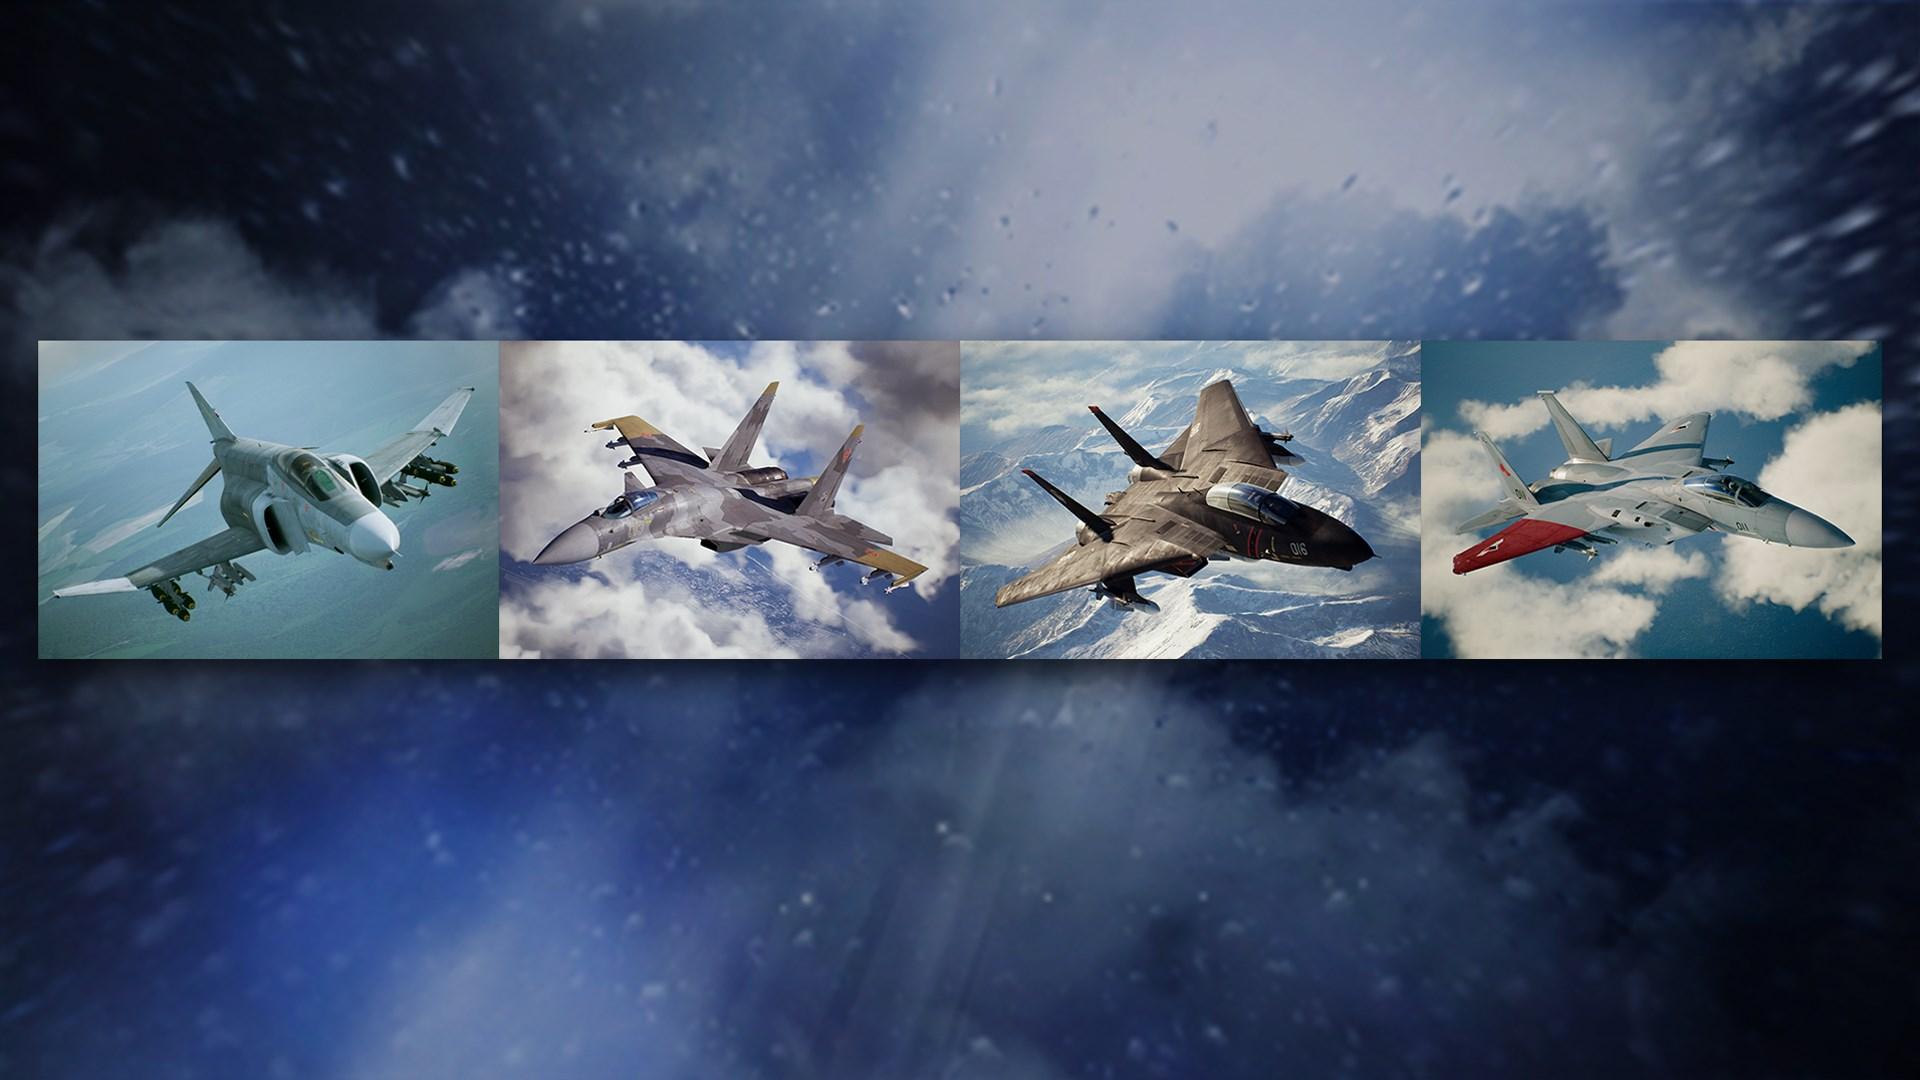 Buy Ace Combat 7 Skies Unknown F 4e Phantom Ii 3 Skins Microsoft Store En In